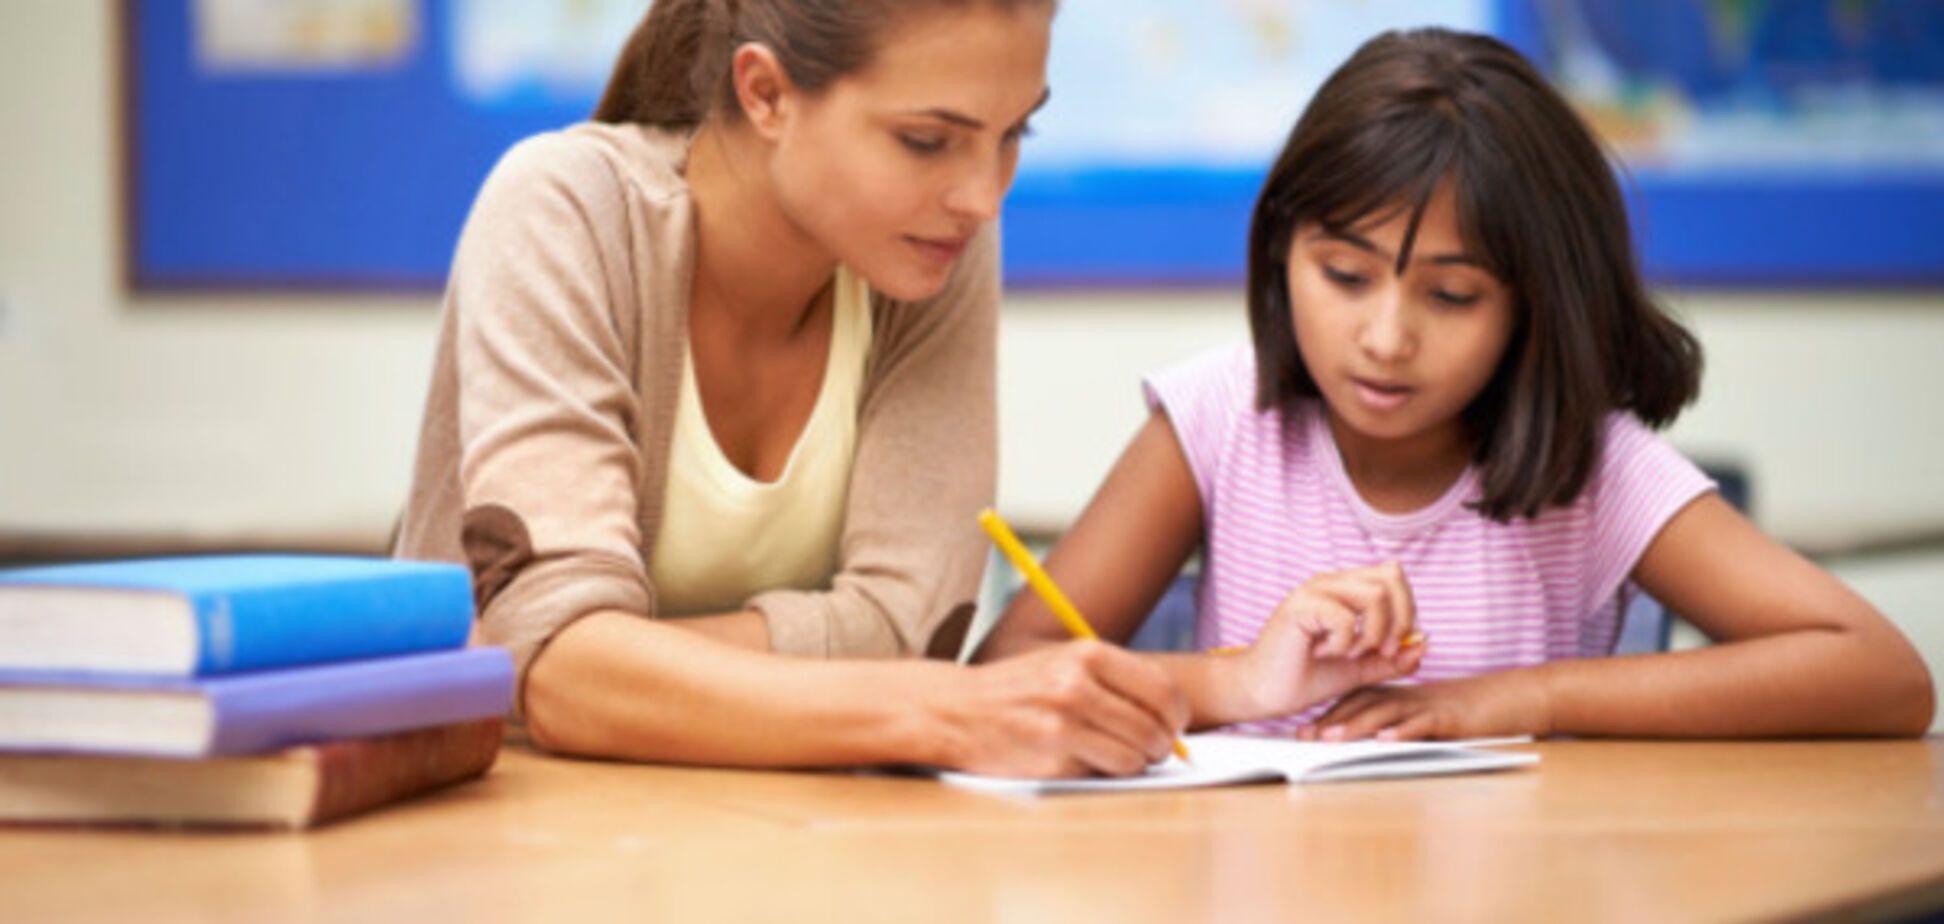 Домашние задания без проблем: 5 советов родителям